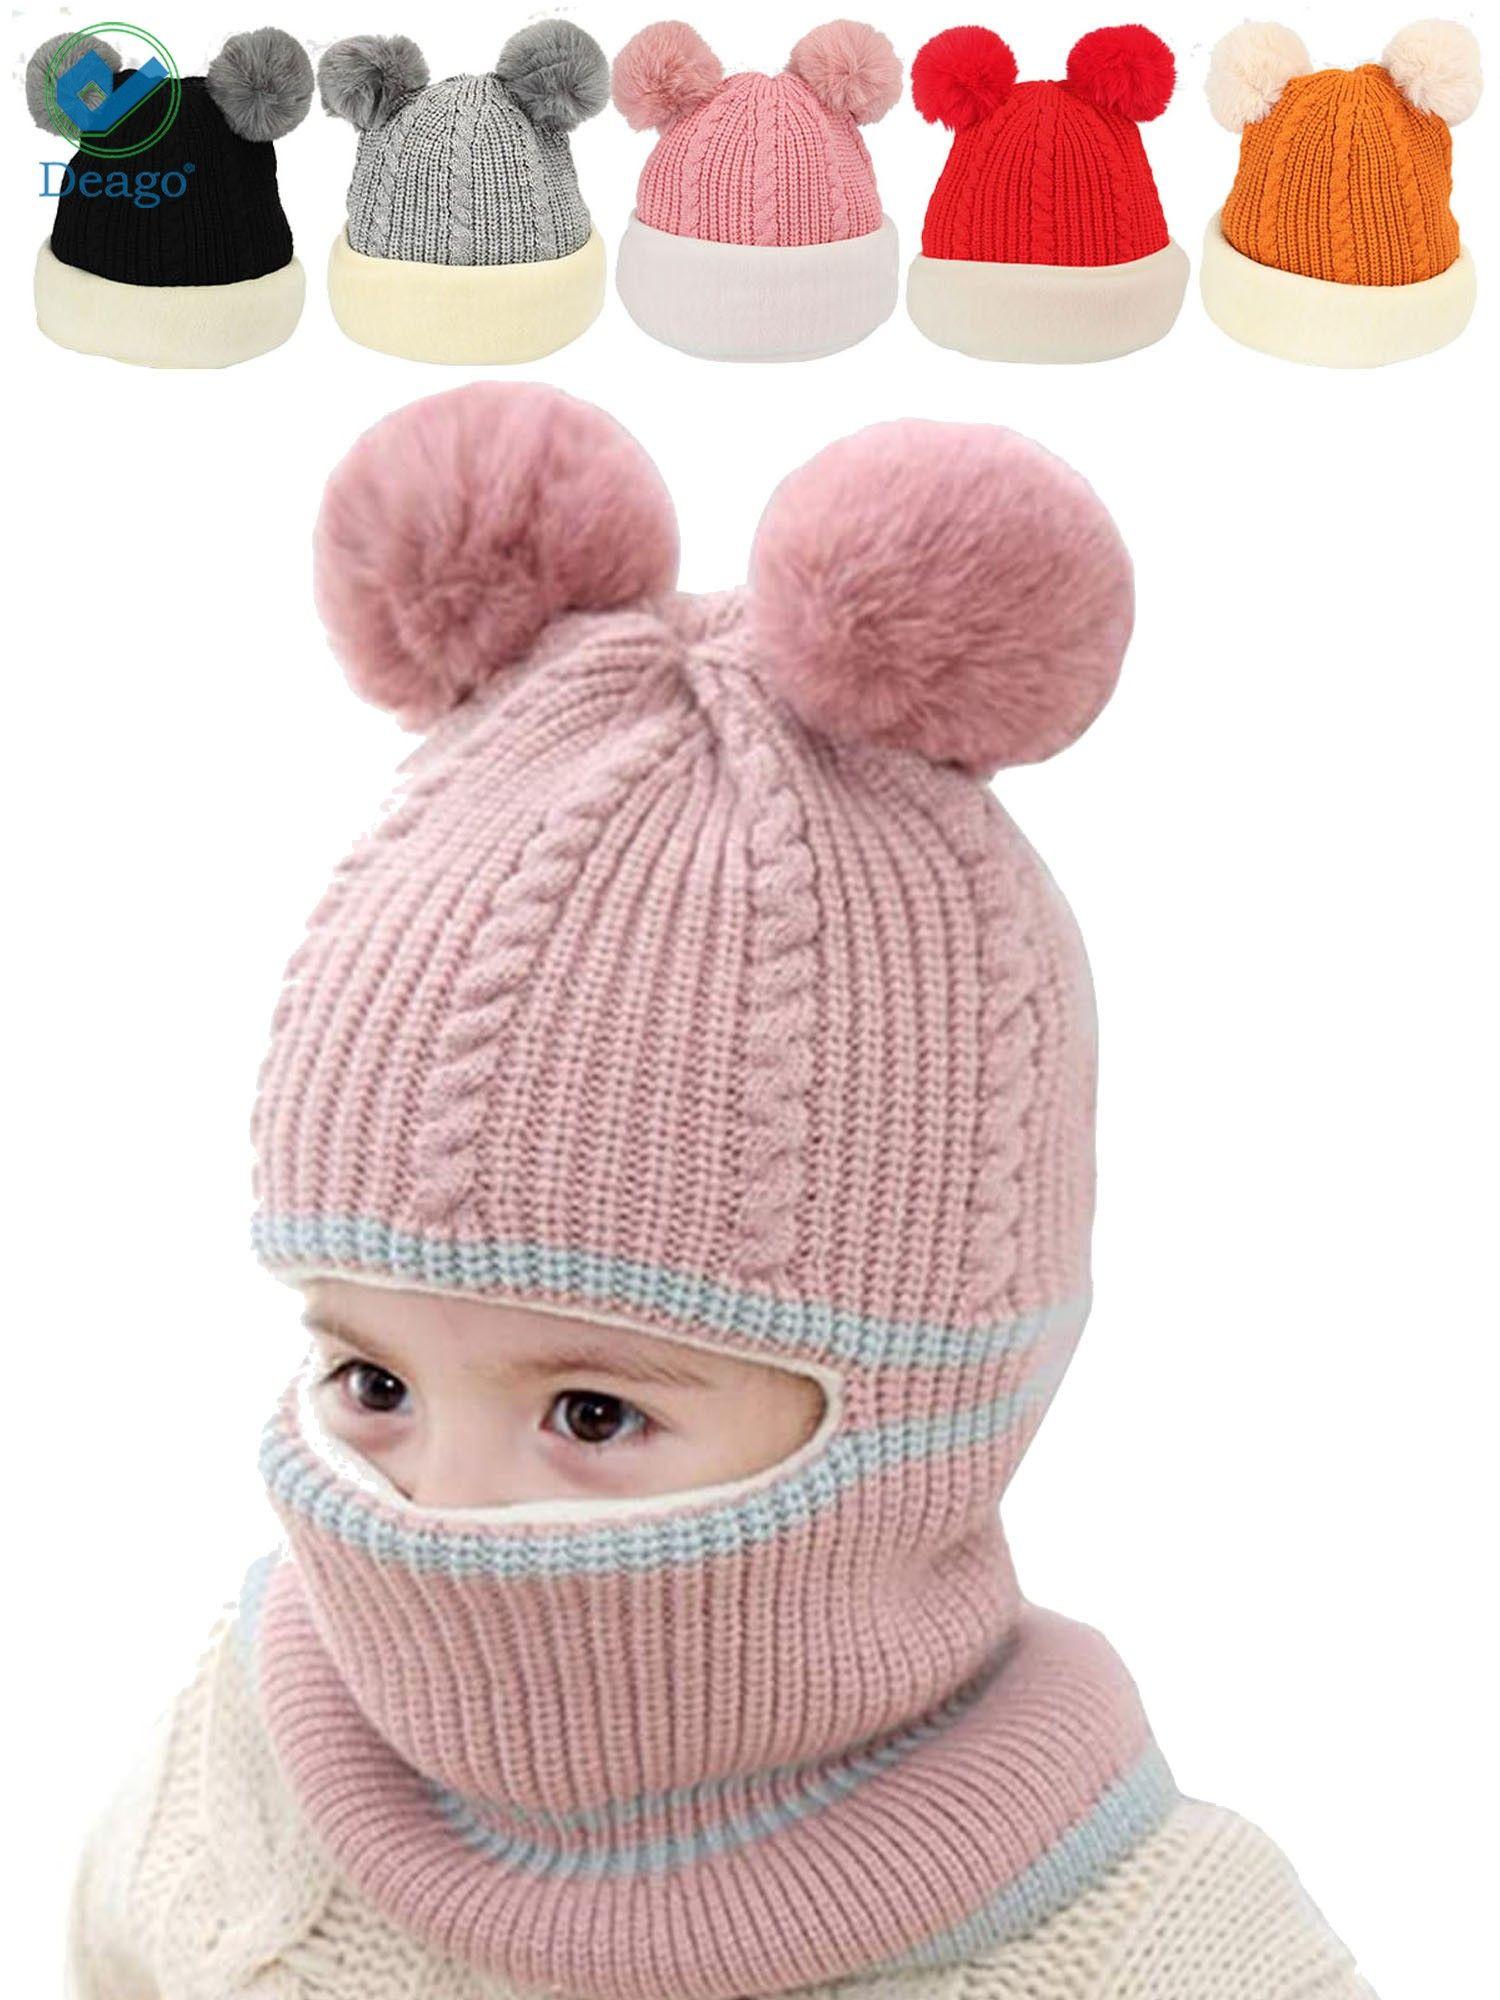 KIDS WINTER HAT BOYS GIRLS THICK SCHOOL WINTER WARM HAT AGE 3-6 YEARS BEANIE HAT